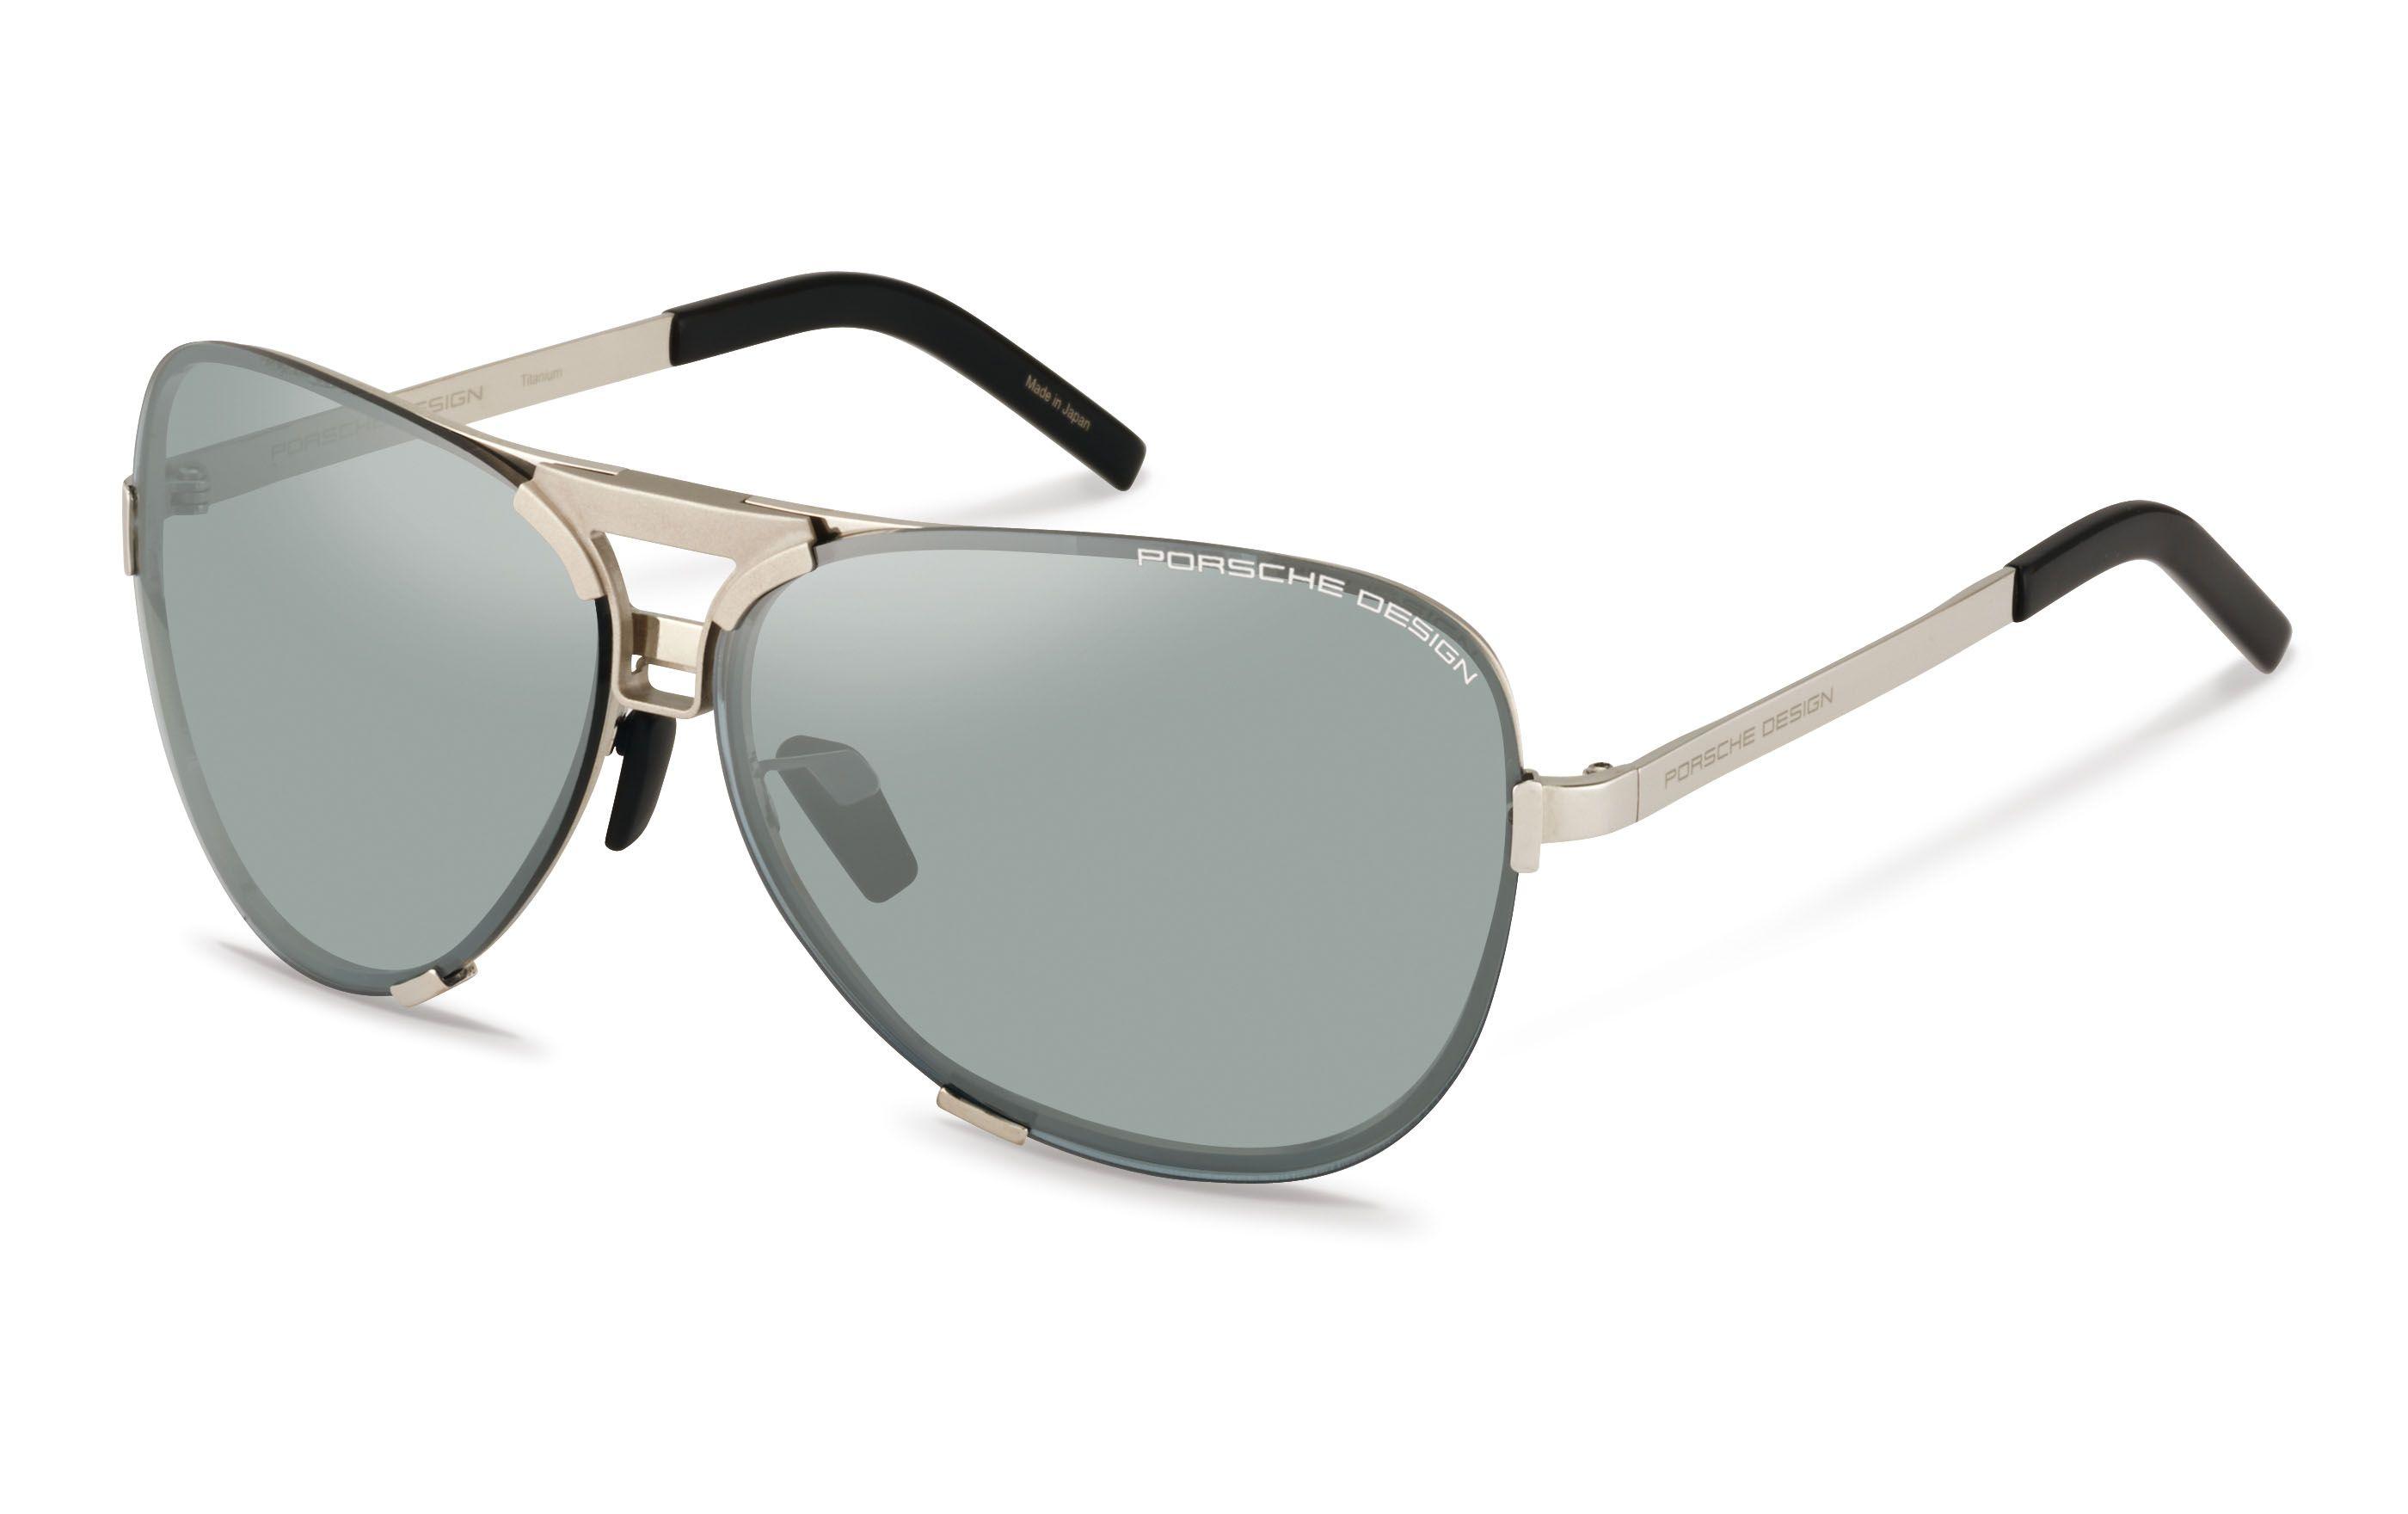 Porsche Herren Sonnenbrille: Porsche Design: